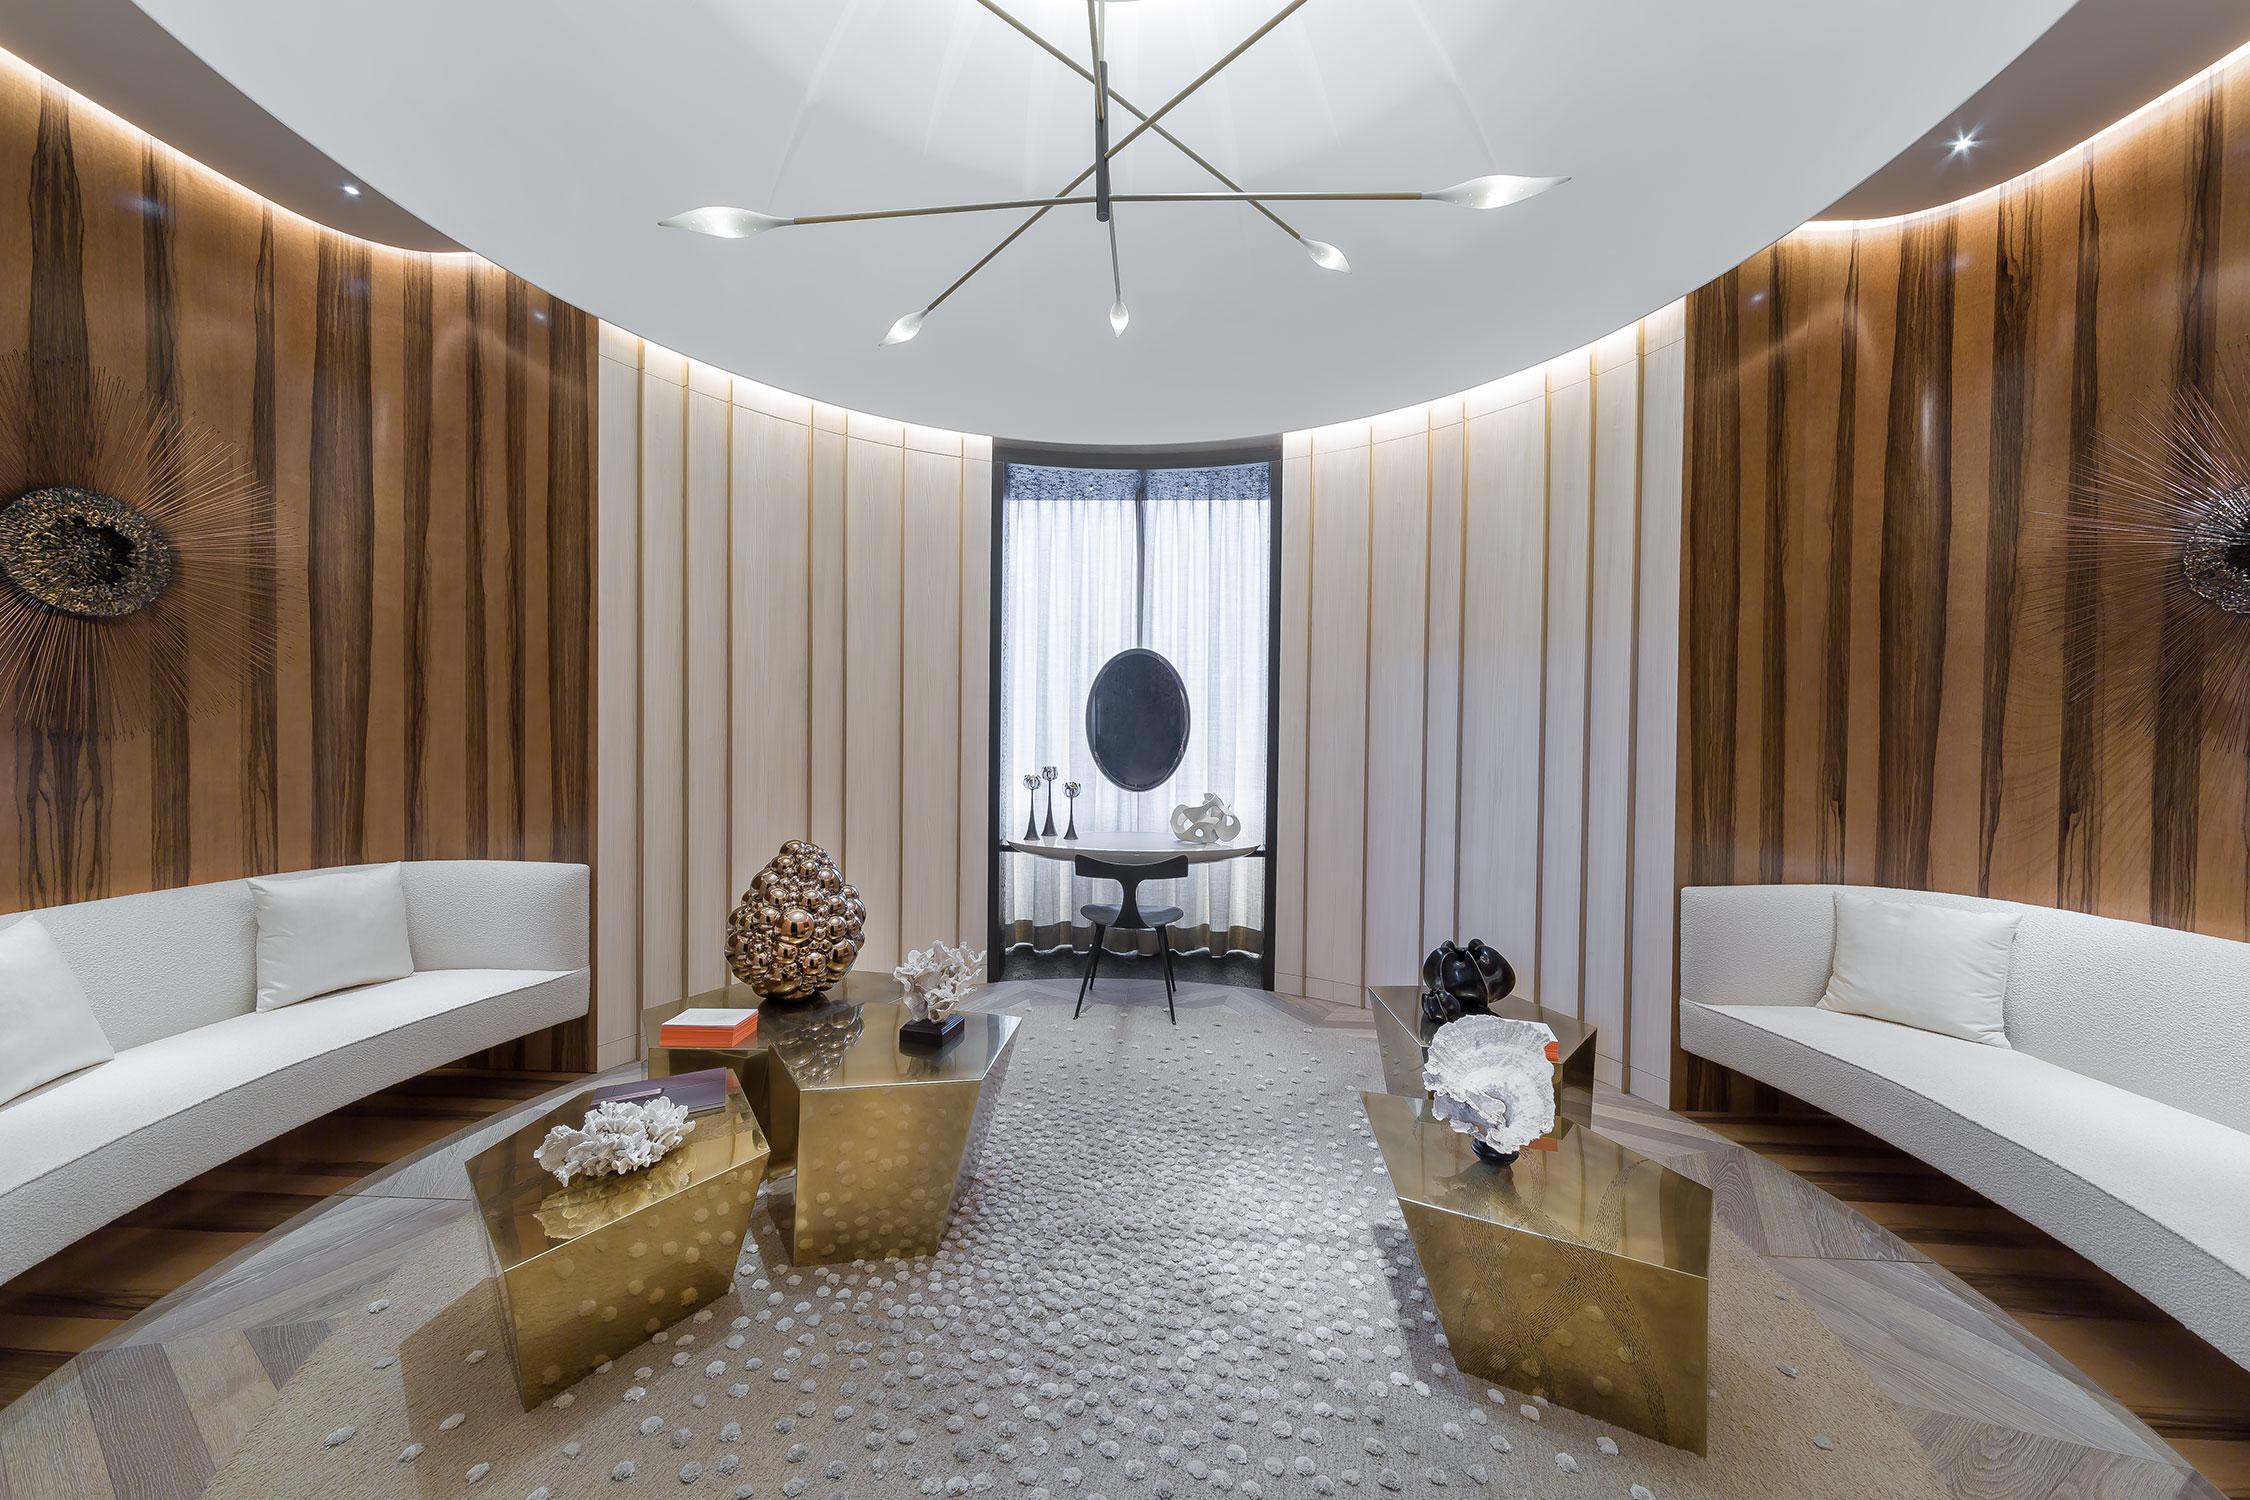 AD Intérieurs 2015 - Le dressing-boudoir de Damien Langlois-Meurinne